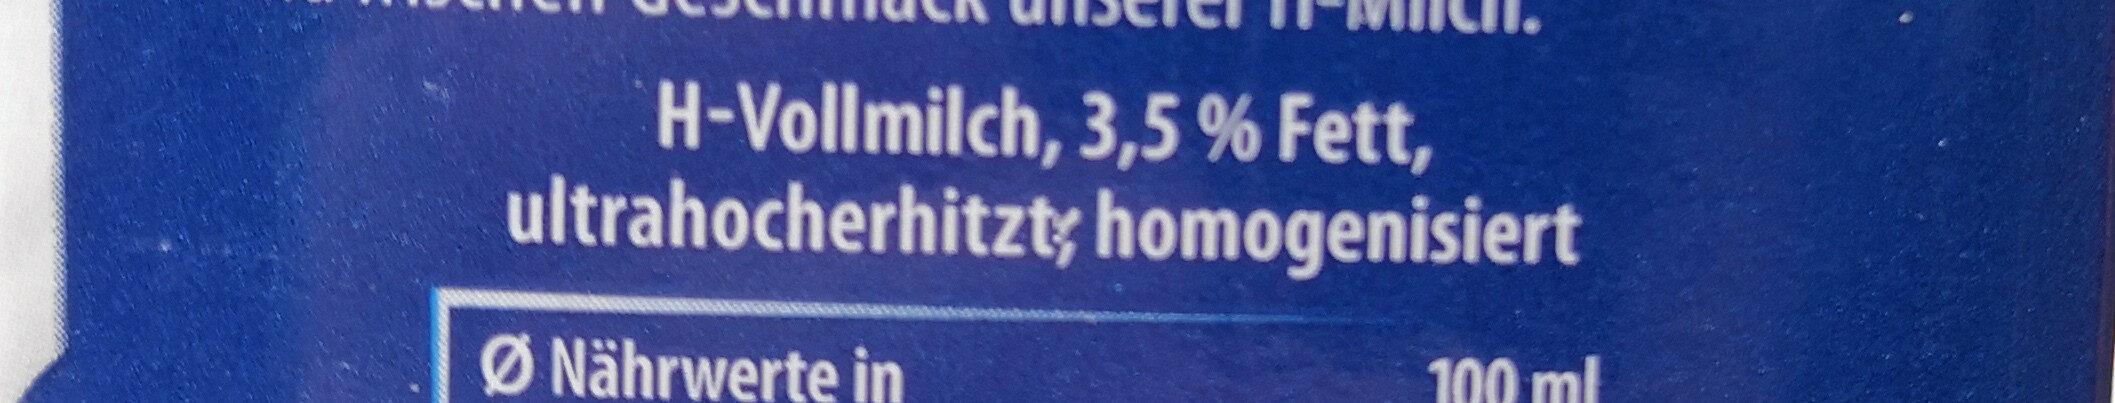 Haltbare Milch  3,5% - Zutaten - de